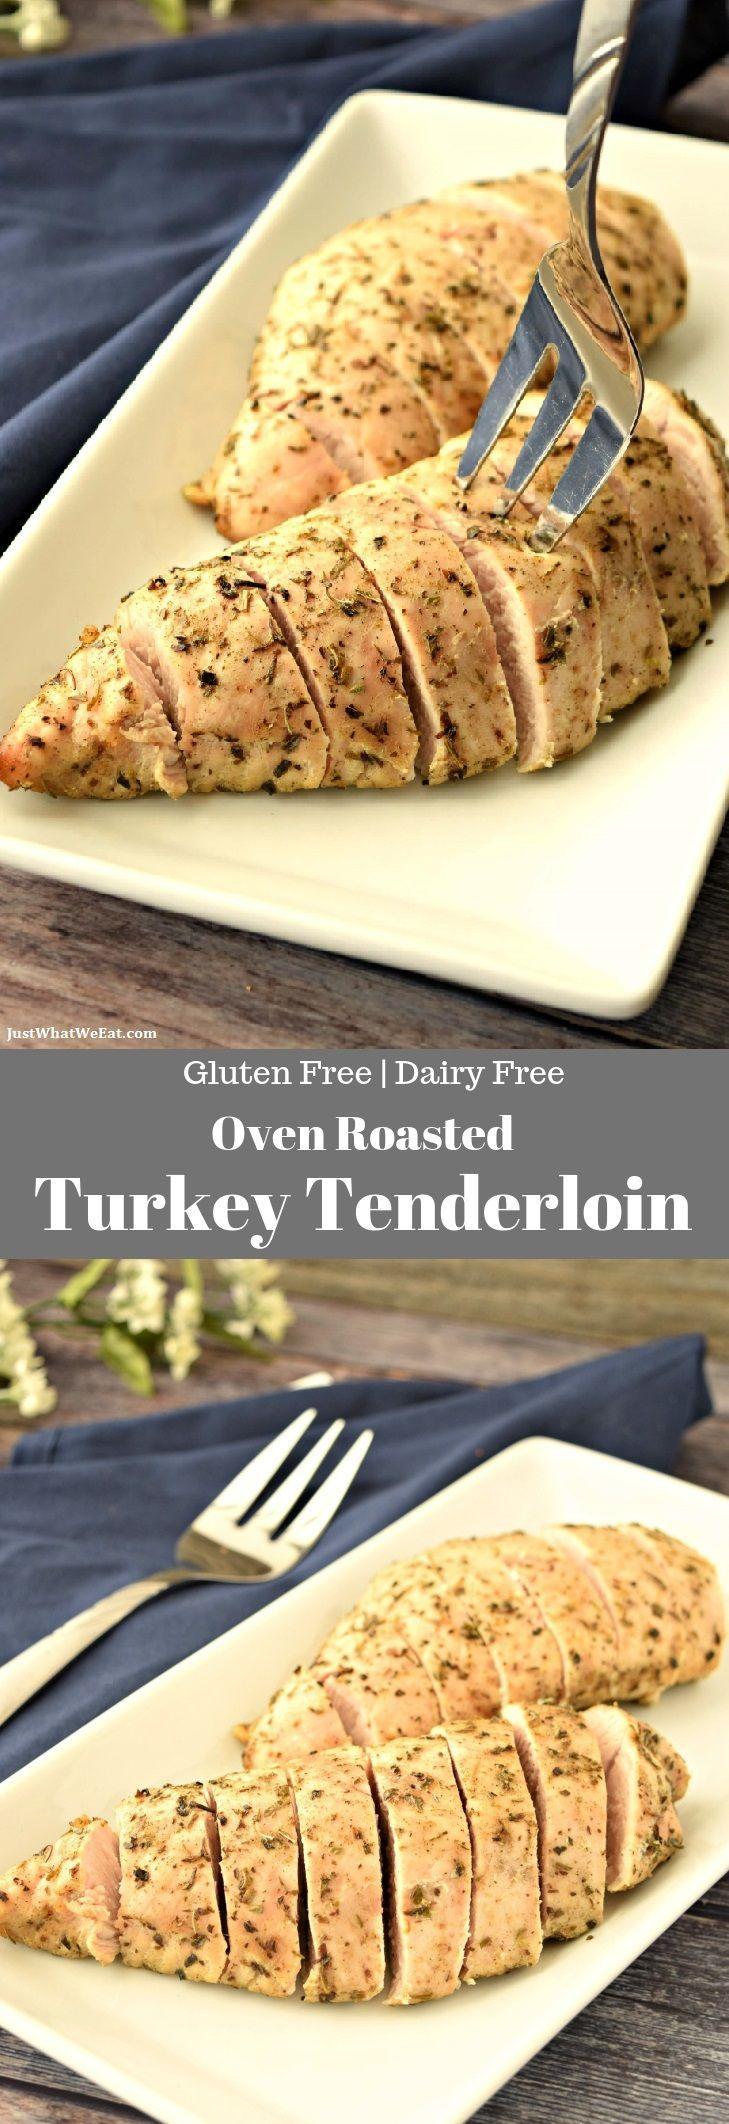 Photo of Oven Roasted Turkey Tenderloin – Gluten Free, Dairy Free